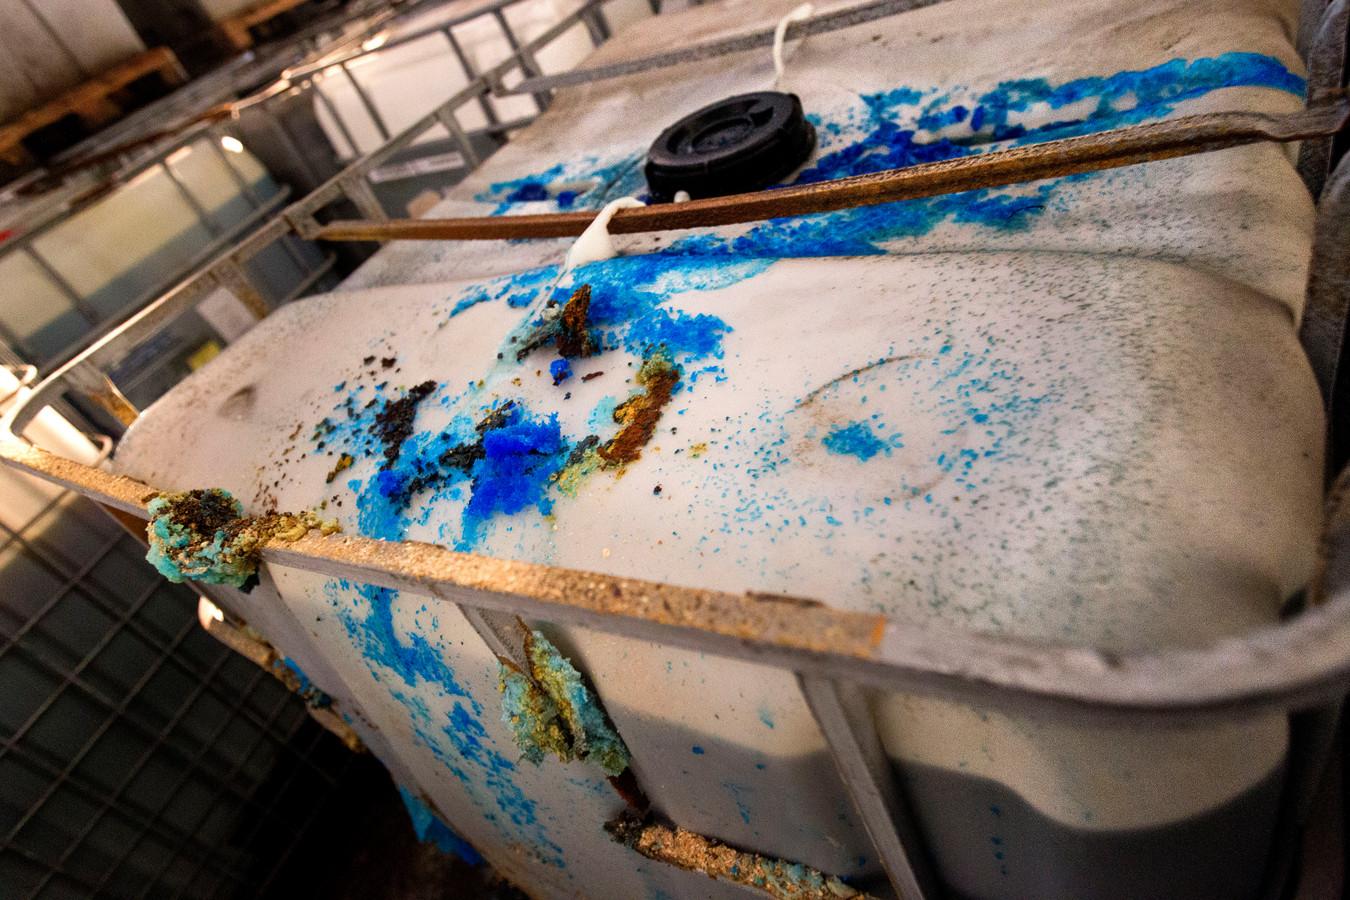 Honderden lekkende vaten met chemisch afval werden in 2016 in een loods aan de Helmondse Lage Dijk gevonden.